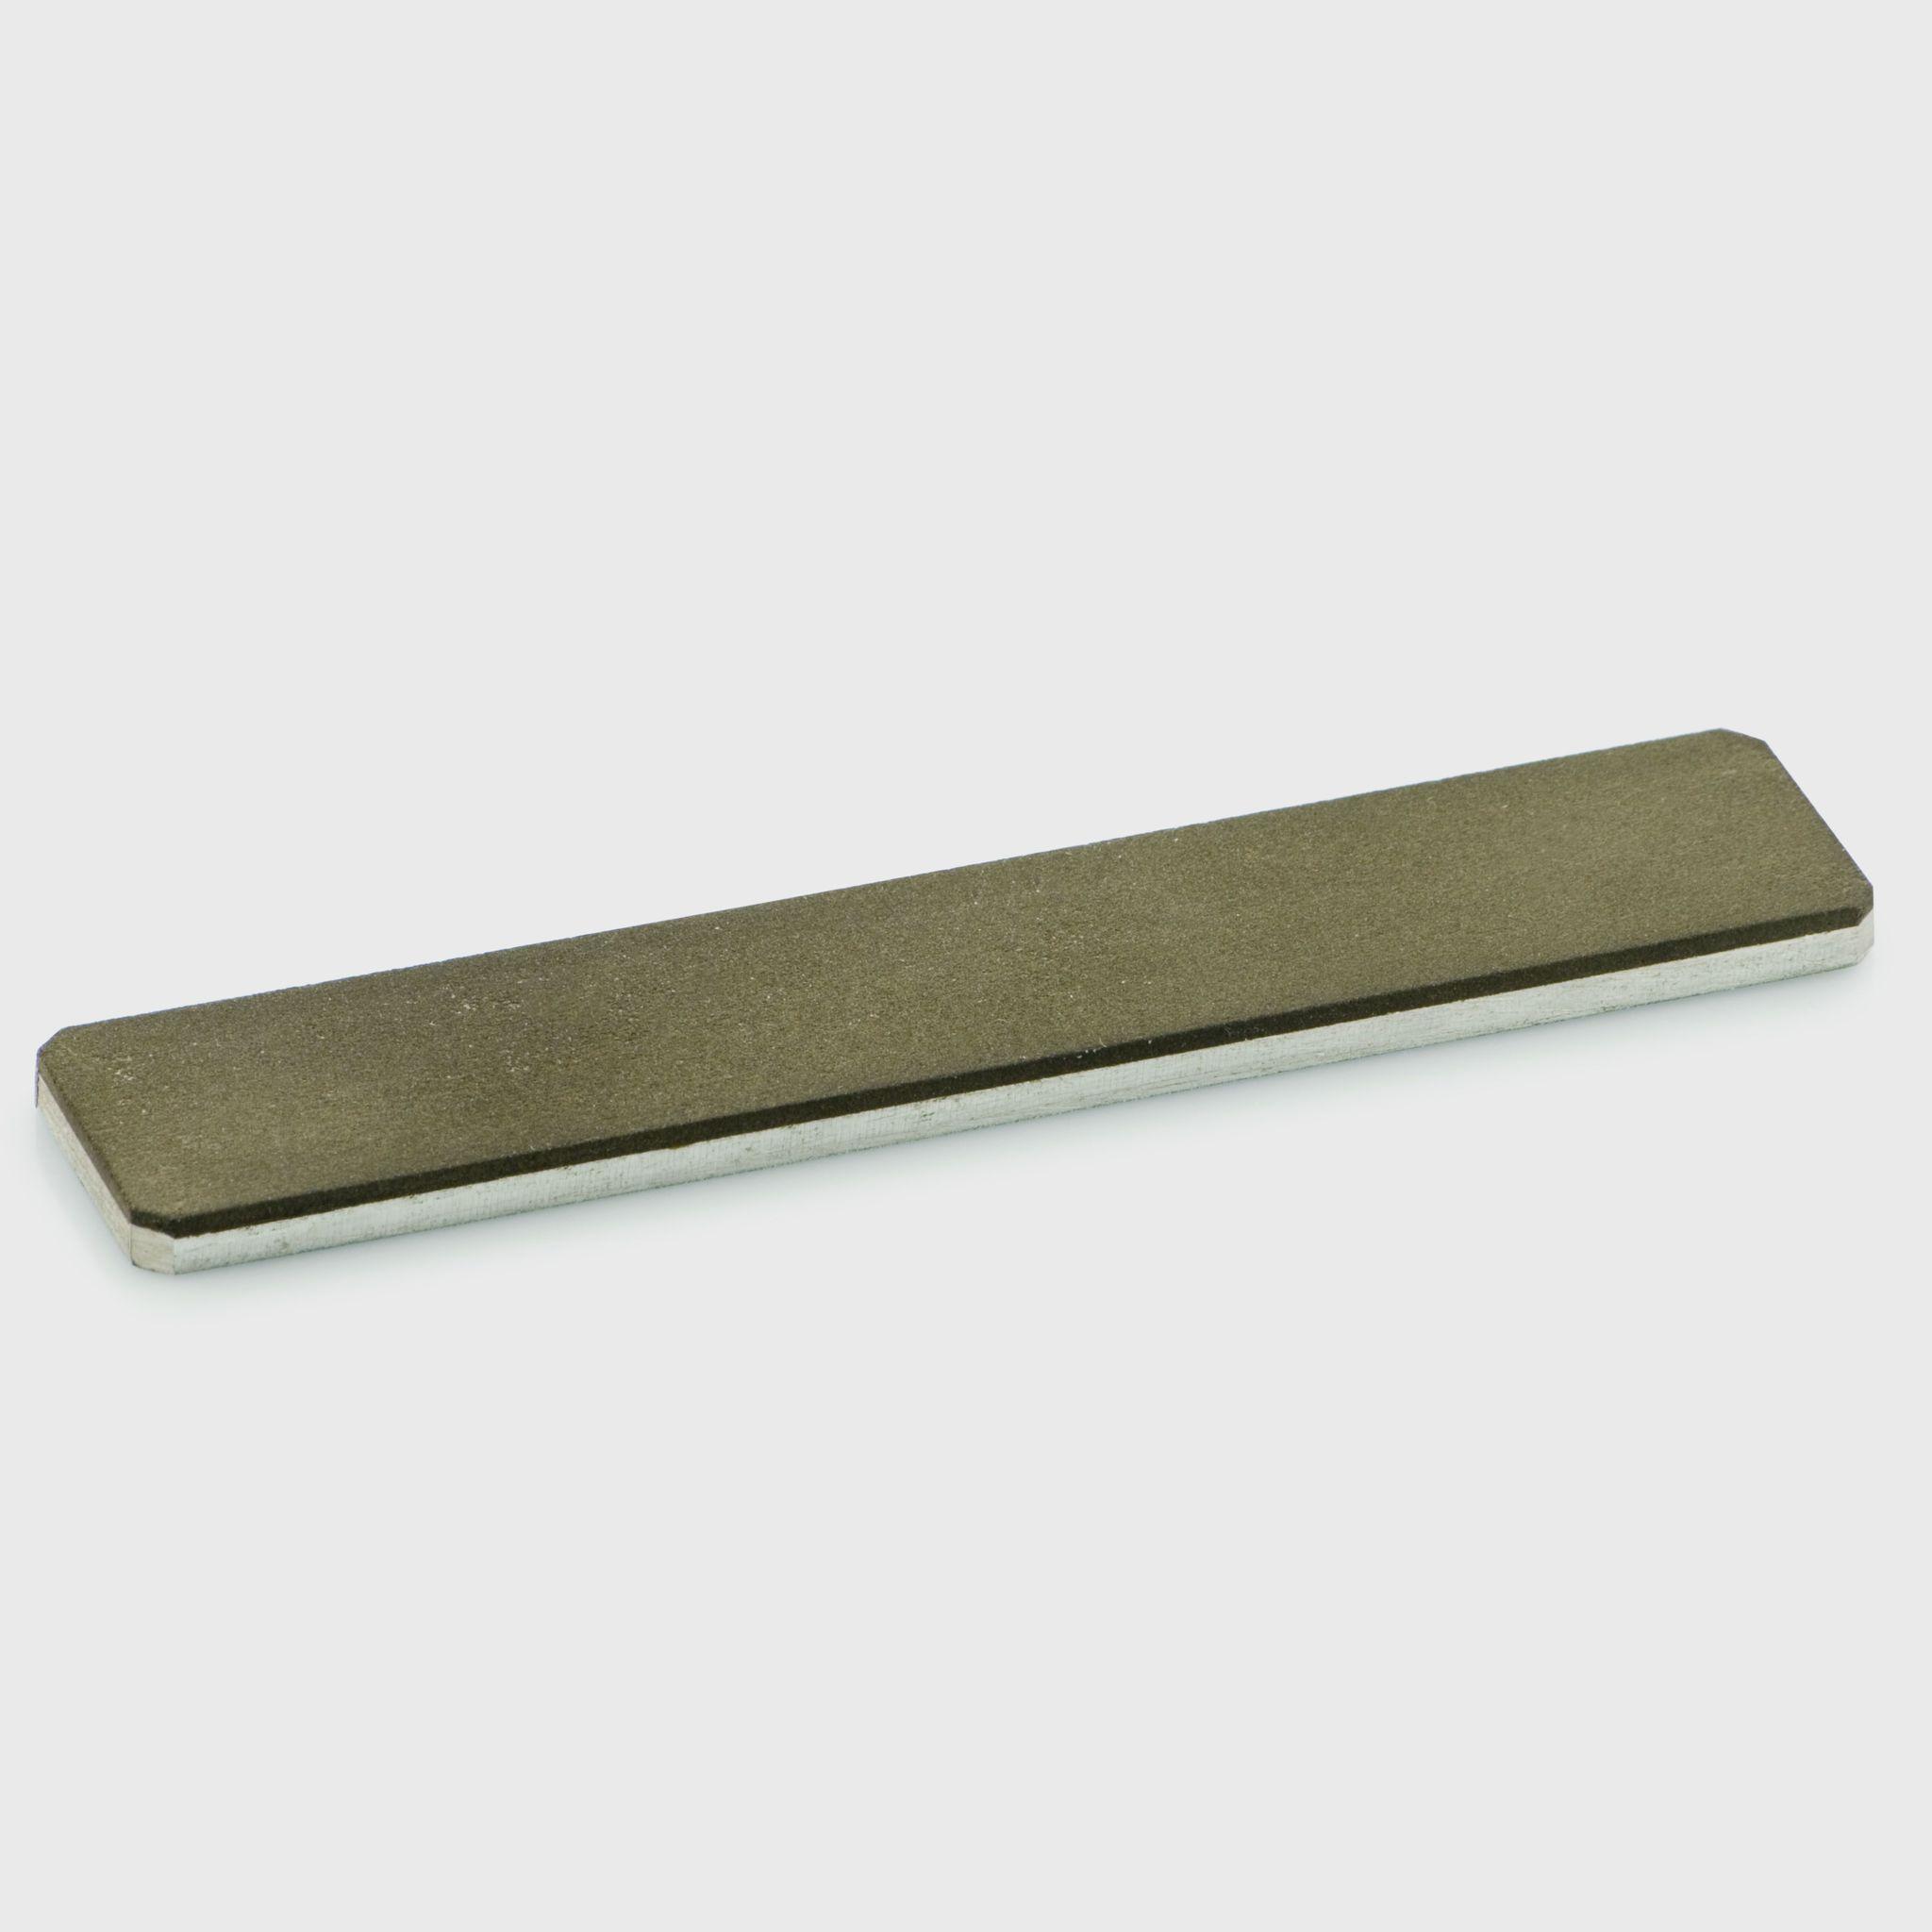 Каталог Алмазный брусок 110х23х4 20/14 100% 110х24_1а.jpg